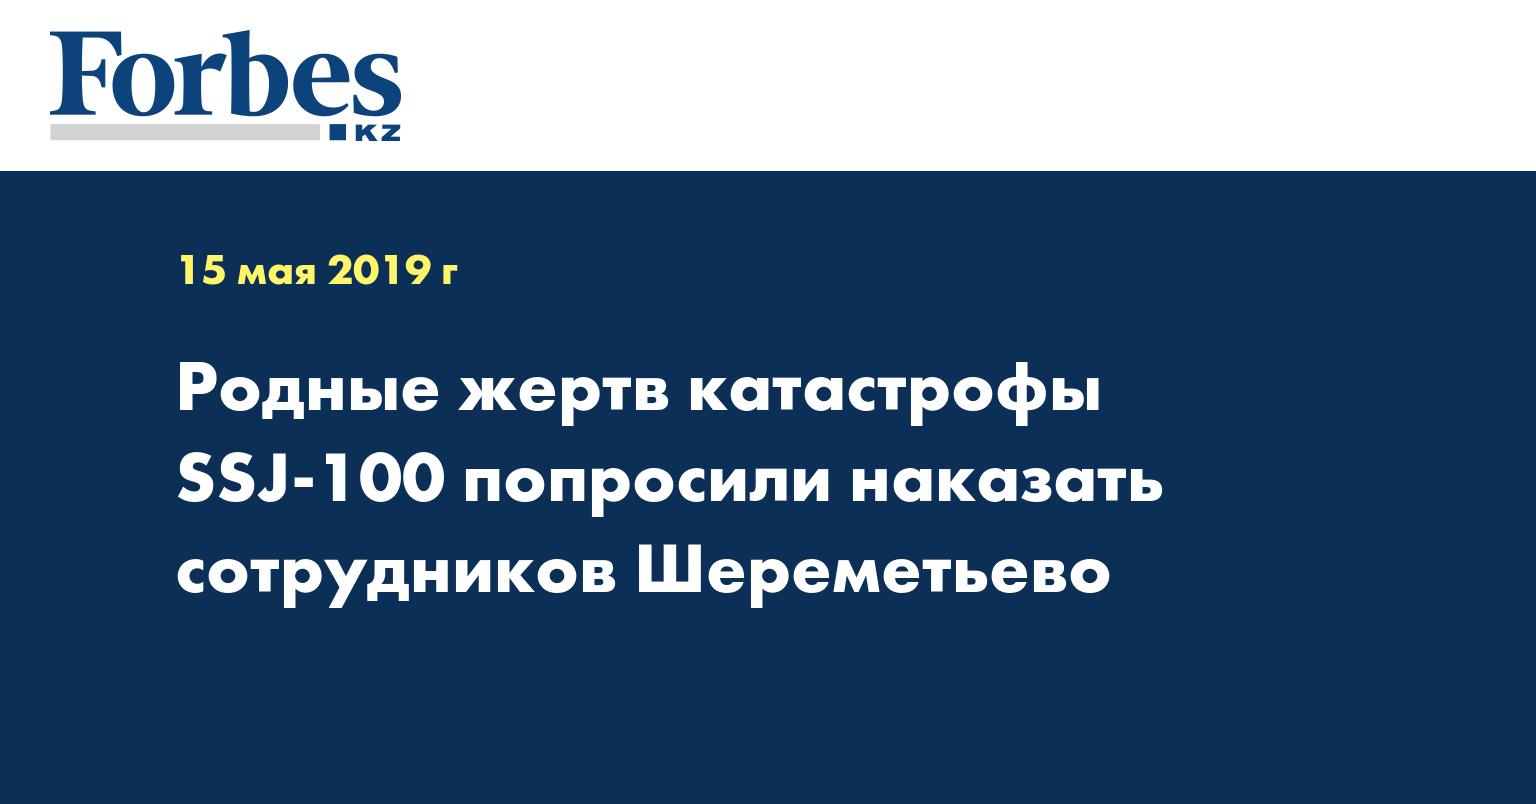 Родные жертв катастрофы SSJ-100 попросили наказать сотрудников Шереметьево